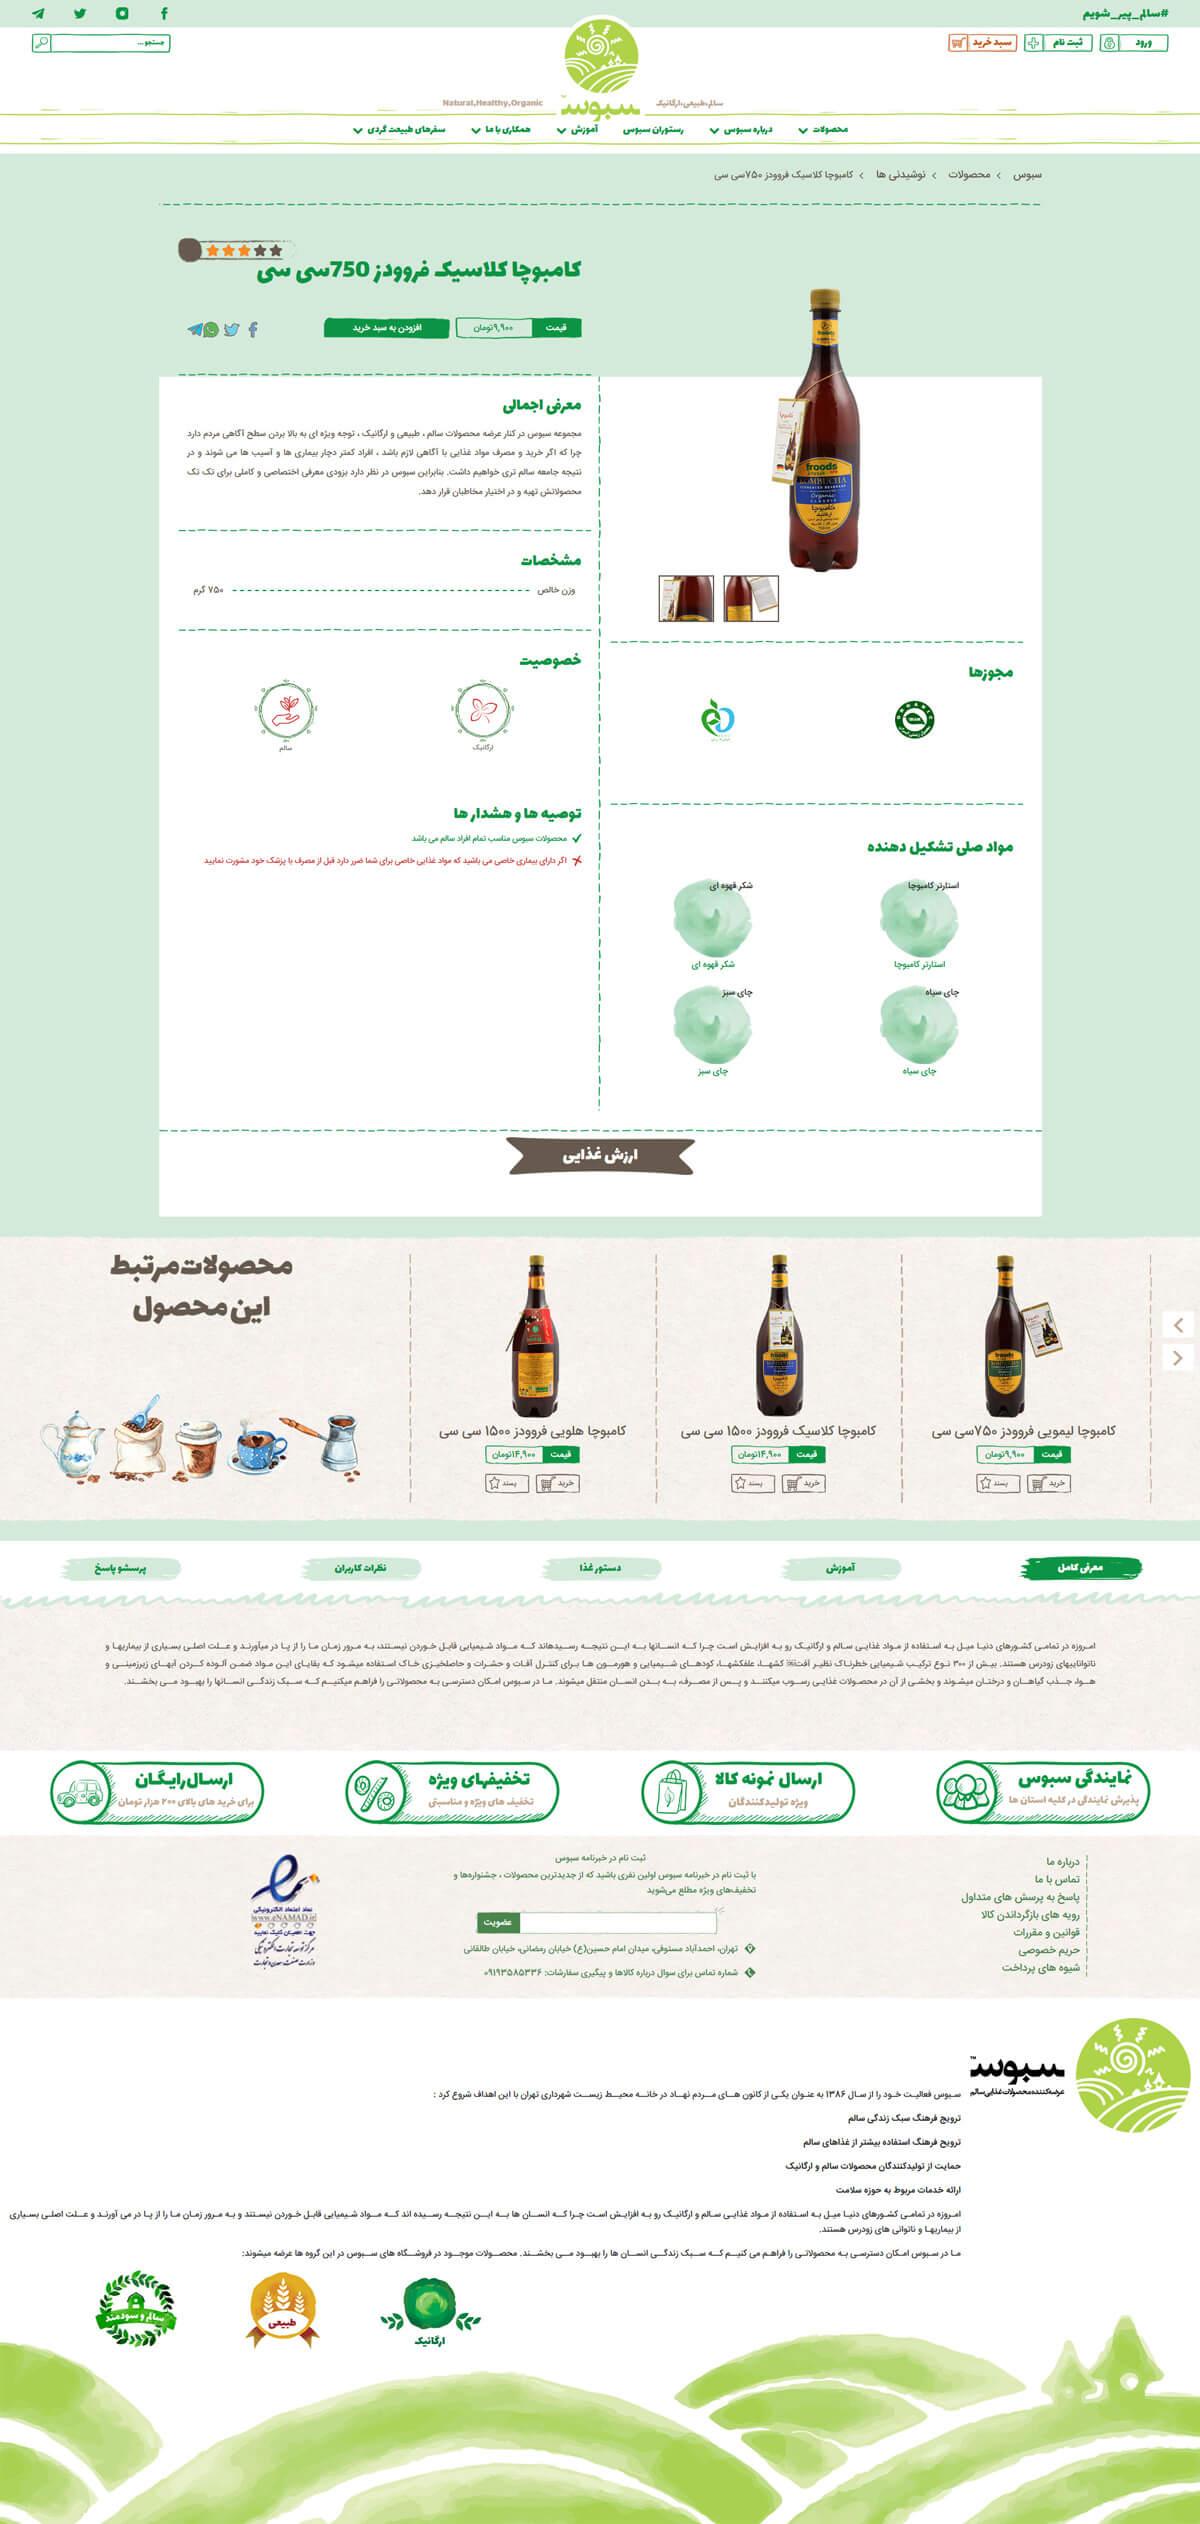 طراحی صفحه محصول فروشگاه اینترنتی سبوس